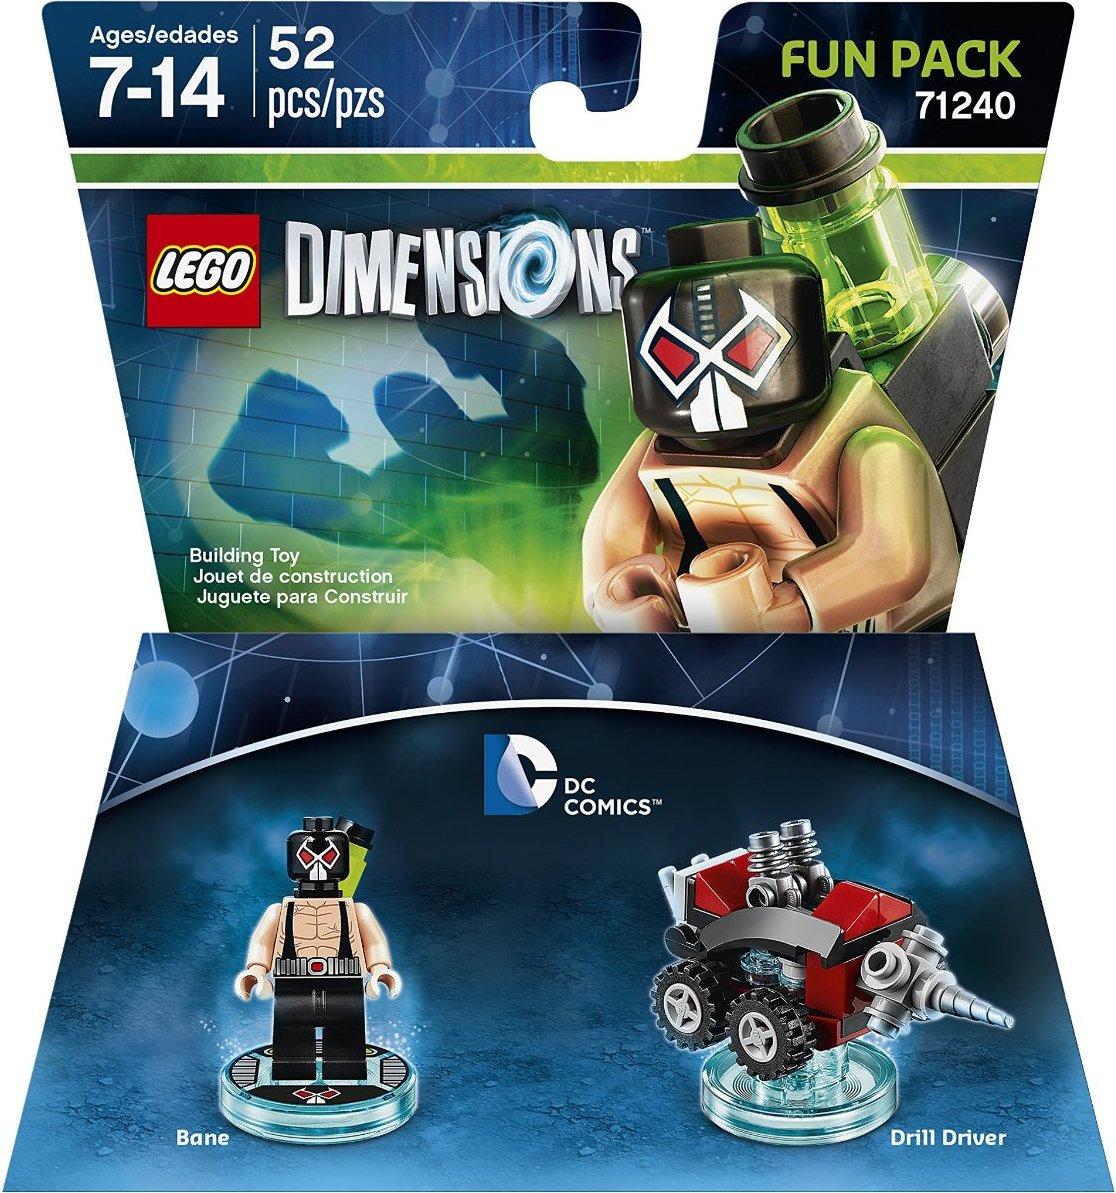 bane-lego-dimensions